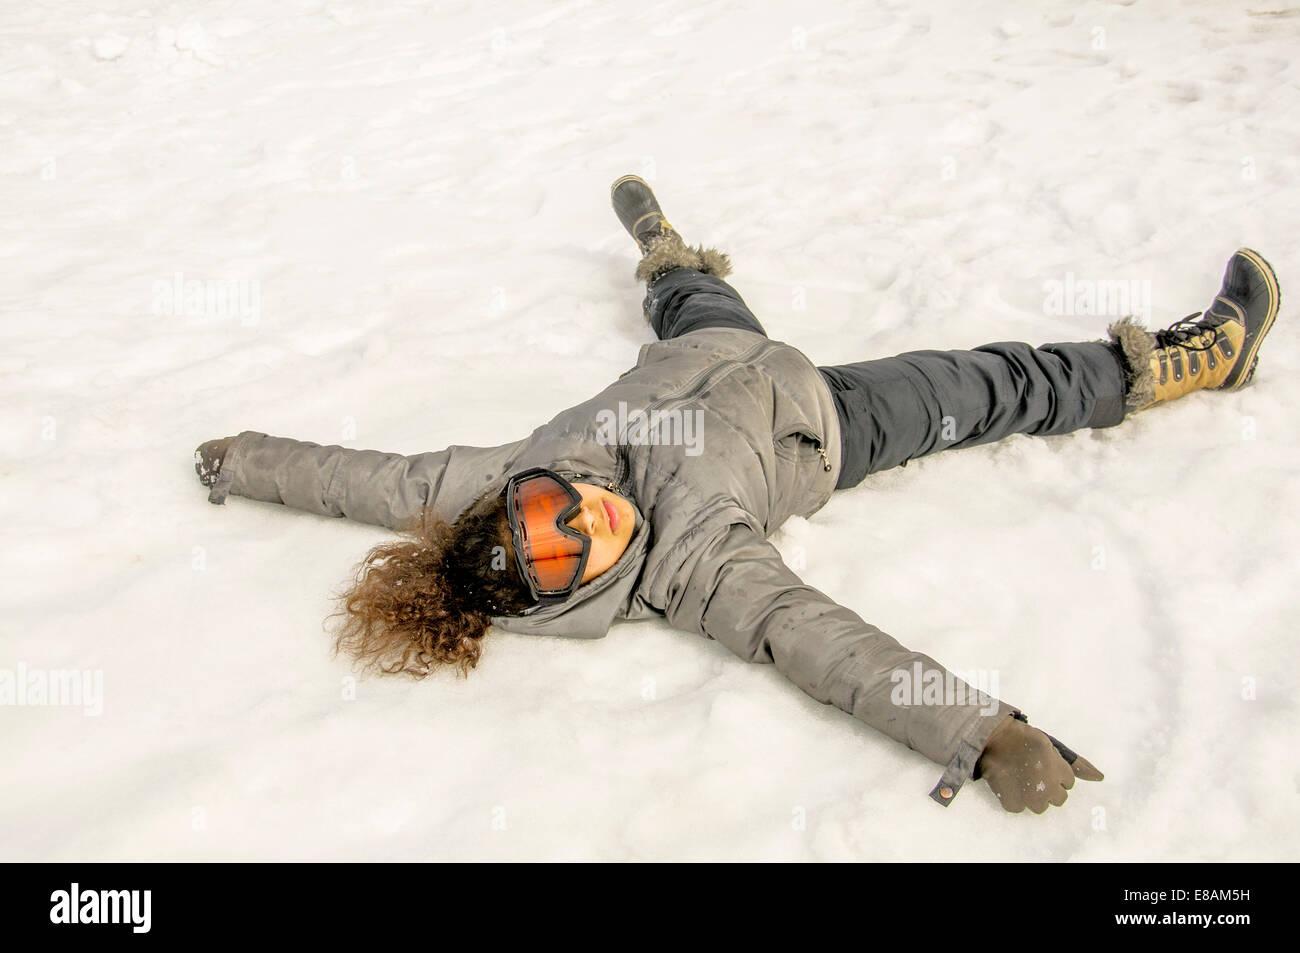 Chica acostada en la nieve Imagen De Stock